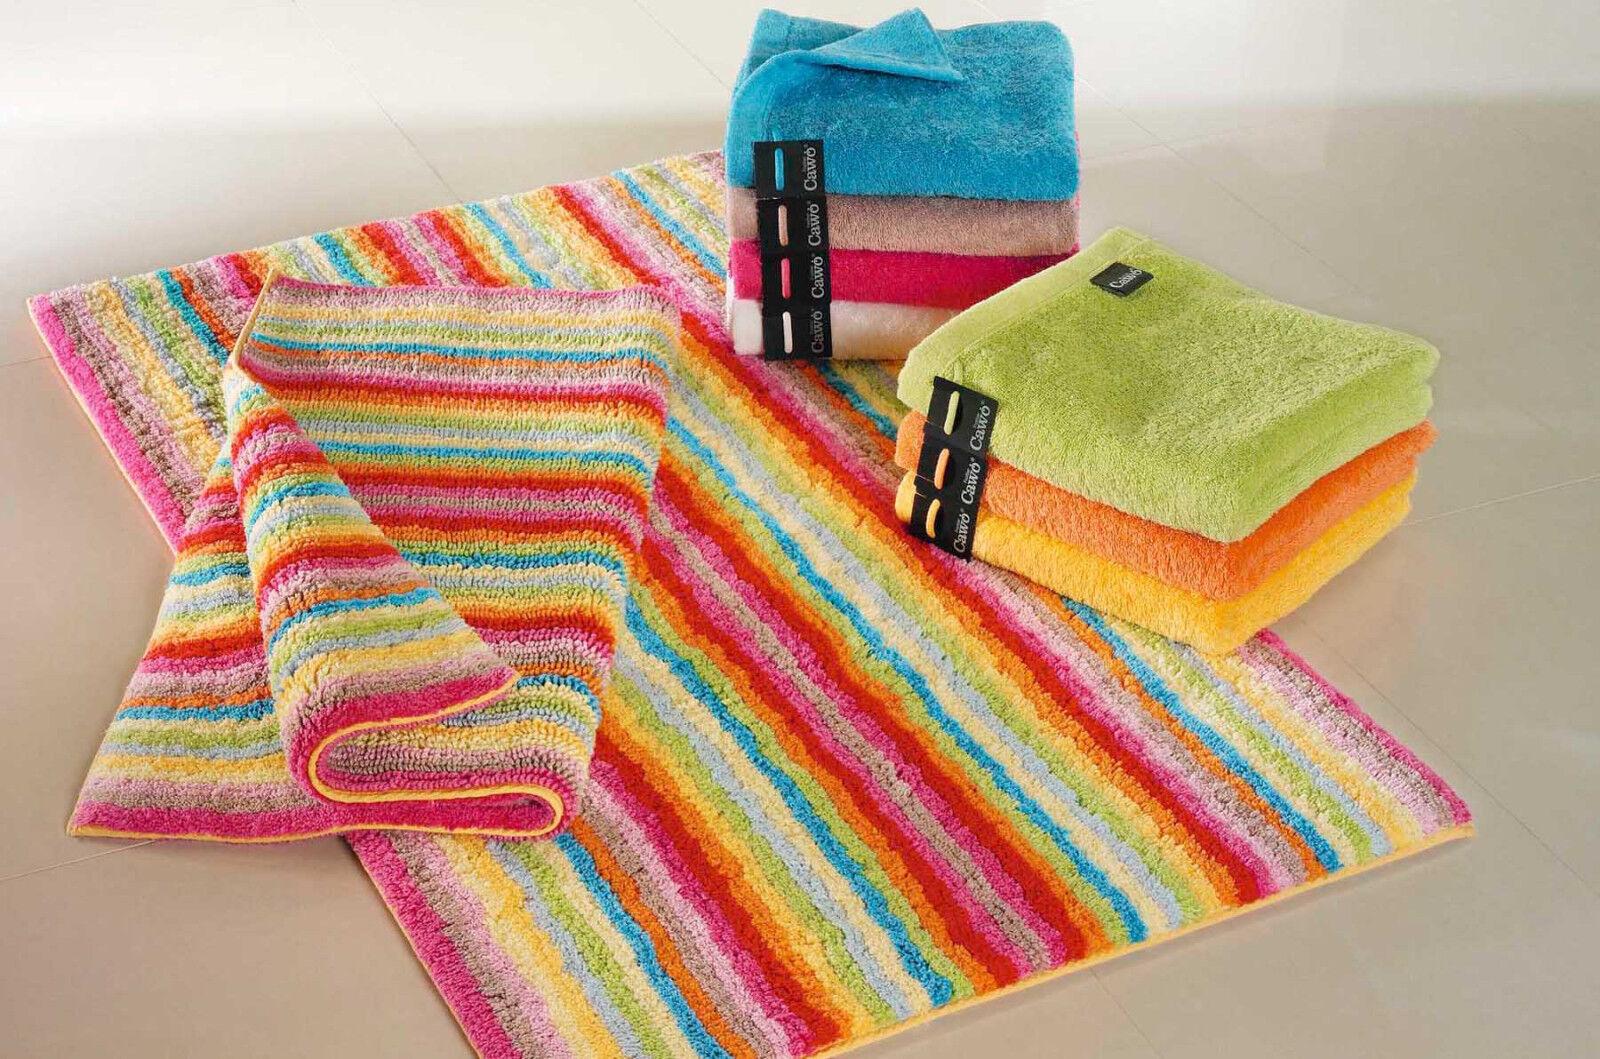 CAWÖ Badteppich 7008 bunt Lifestyle Badematte Badvorleger 3 Größen Baumwolle NEU